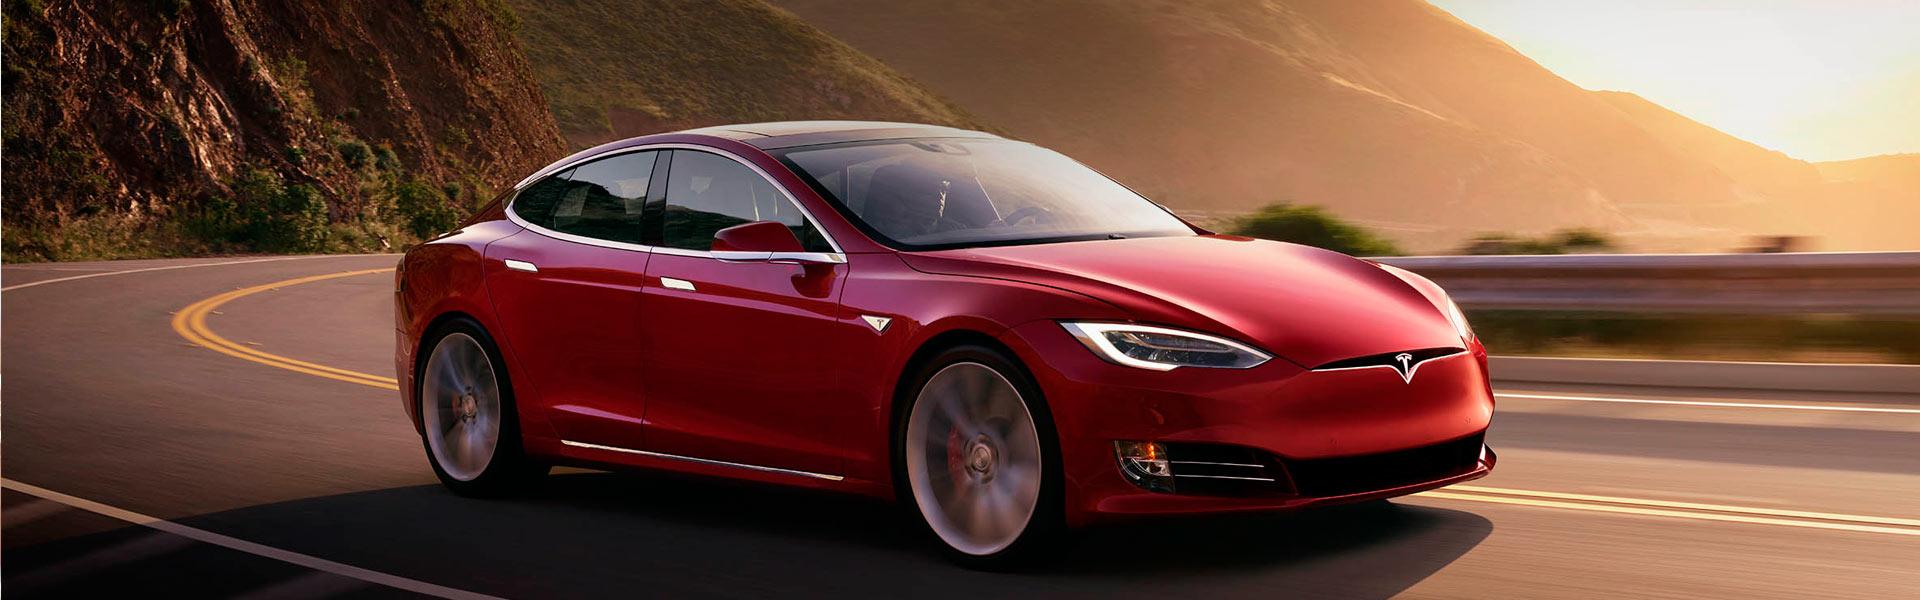 Ремонт вариатора Tesla